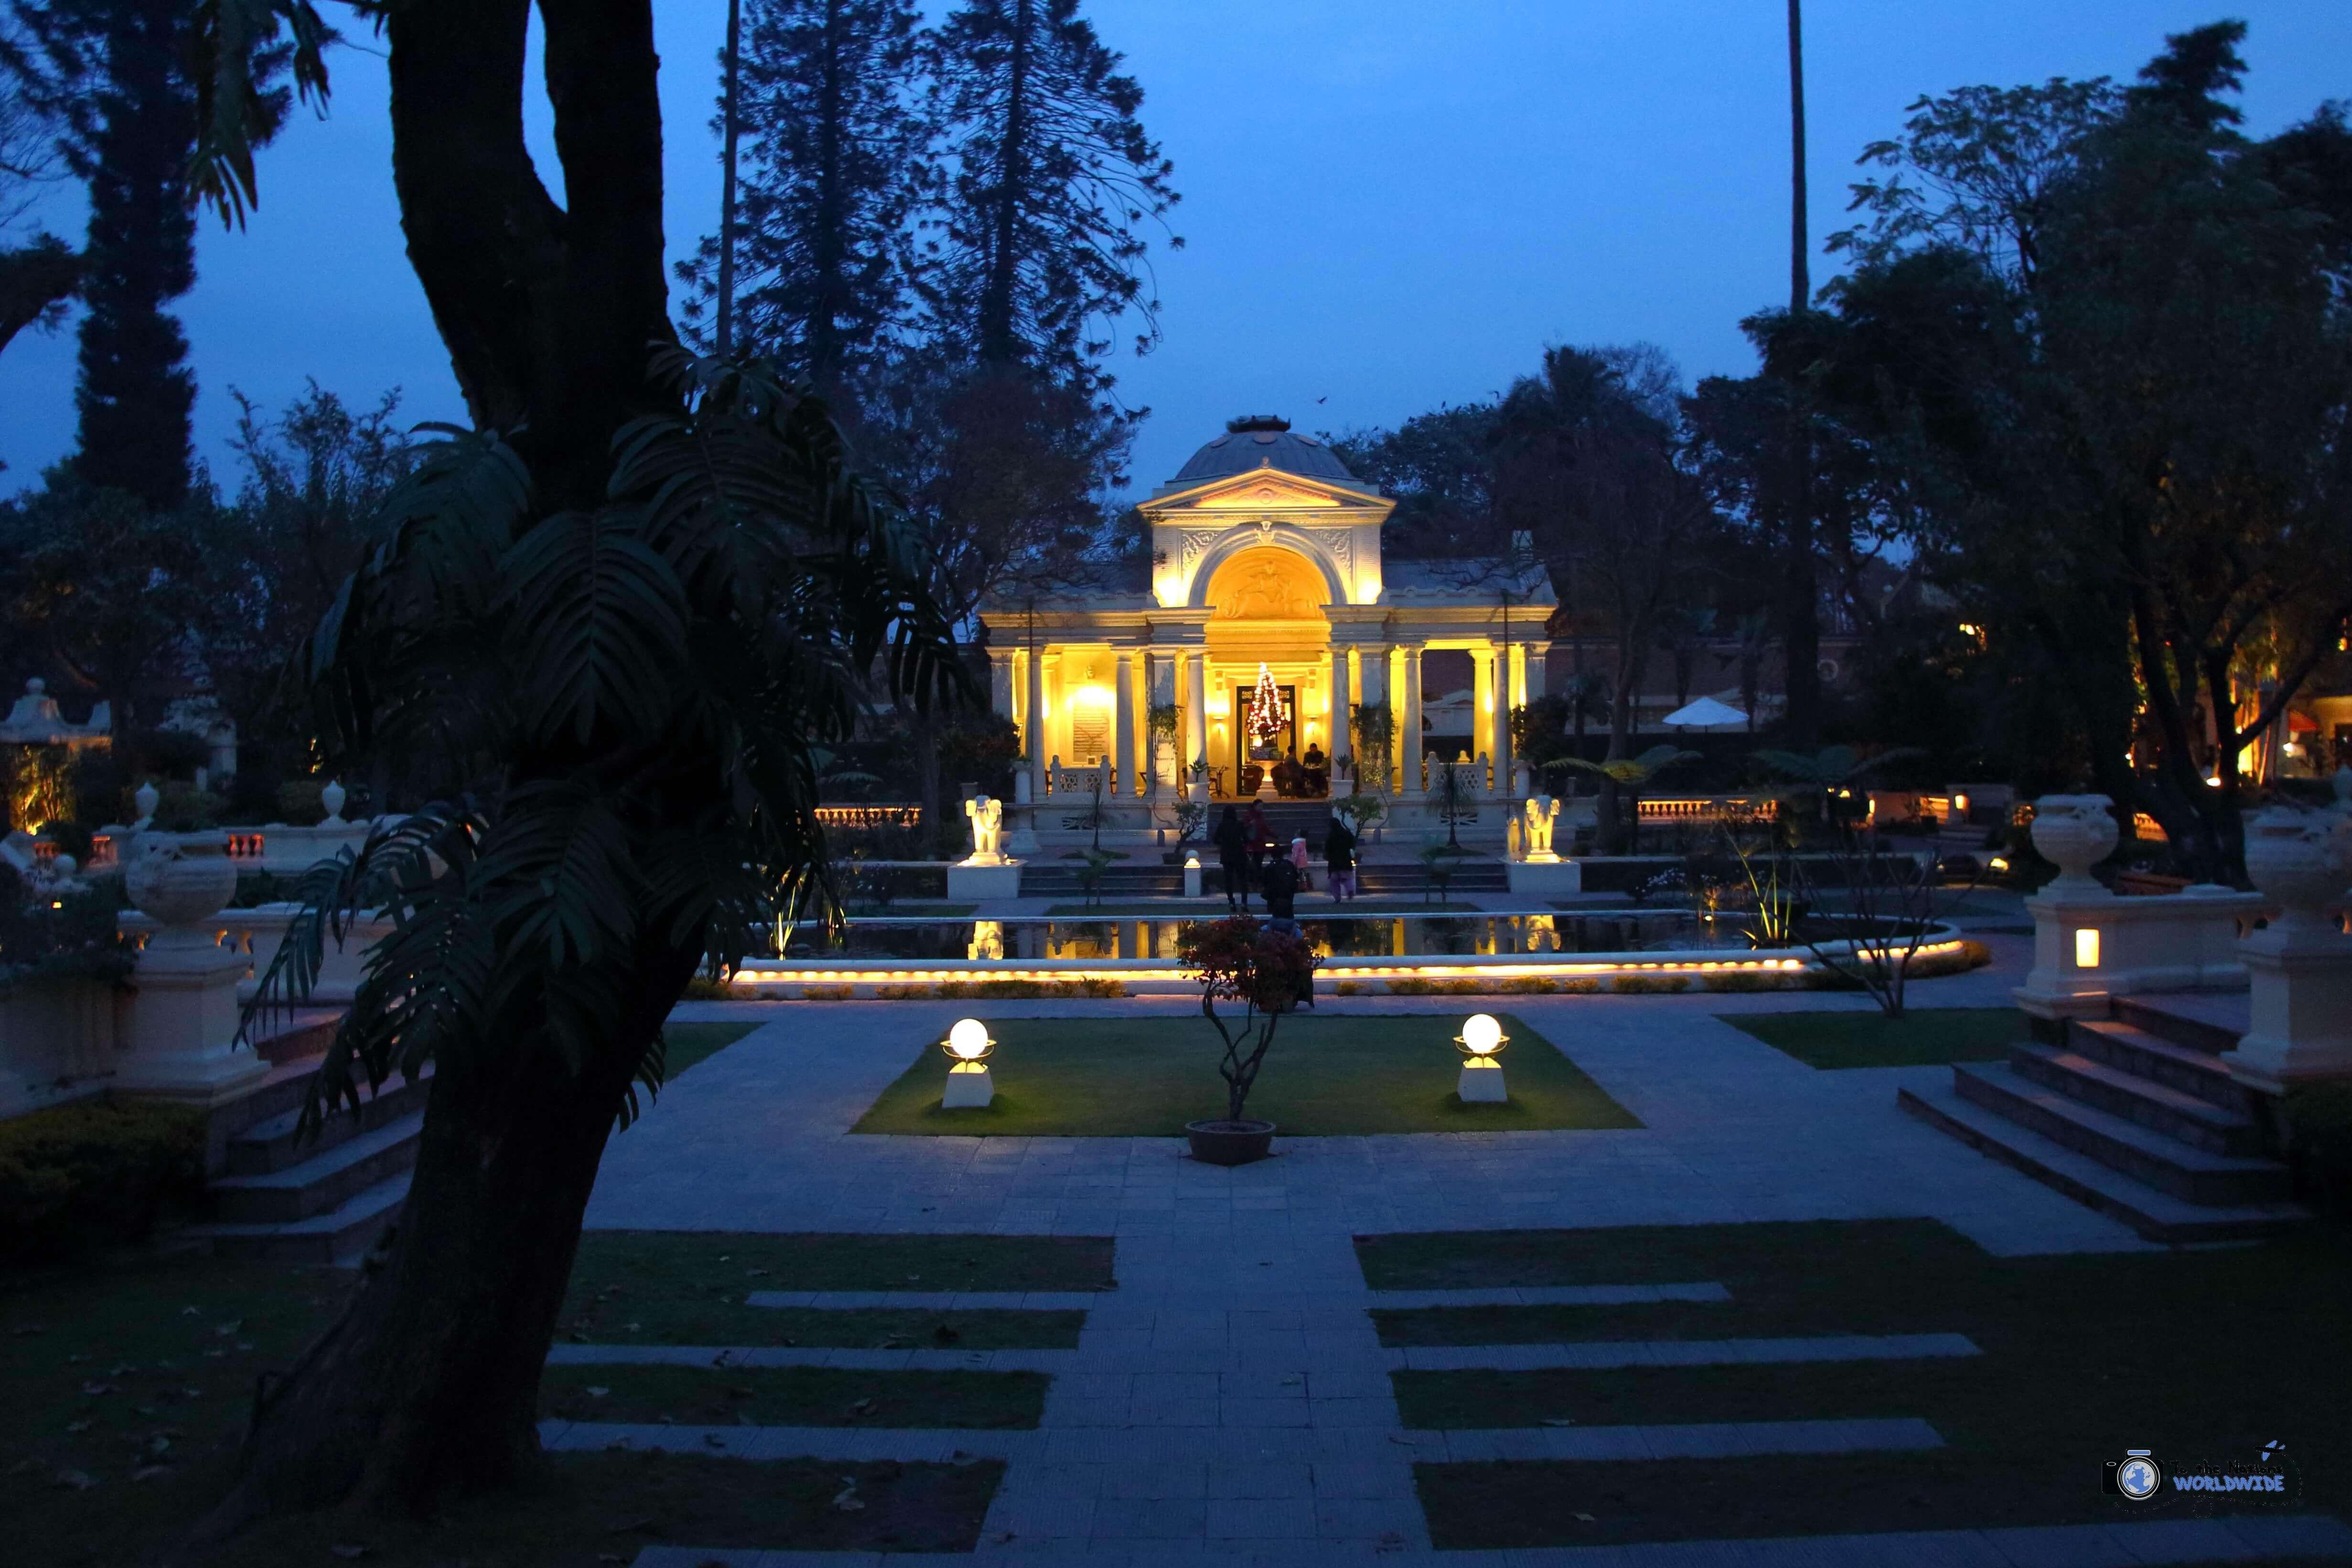 Courtyard in The Garden of Dreams, Thamel, Kathmandu, Nepal